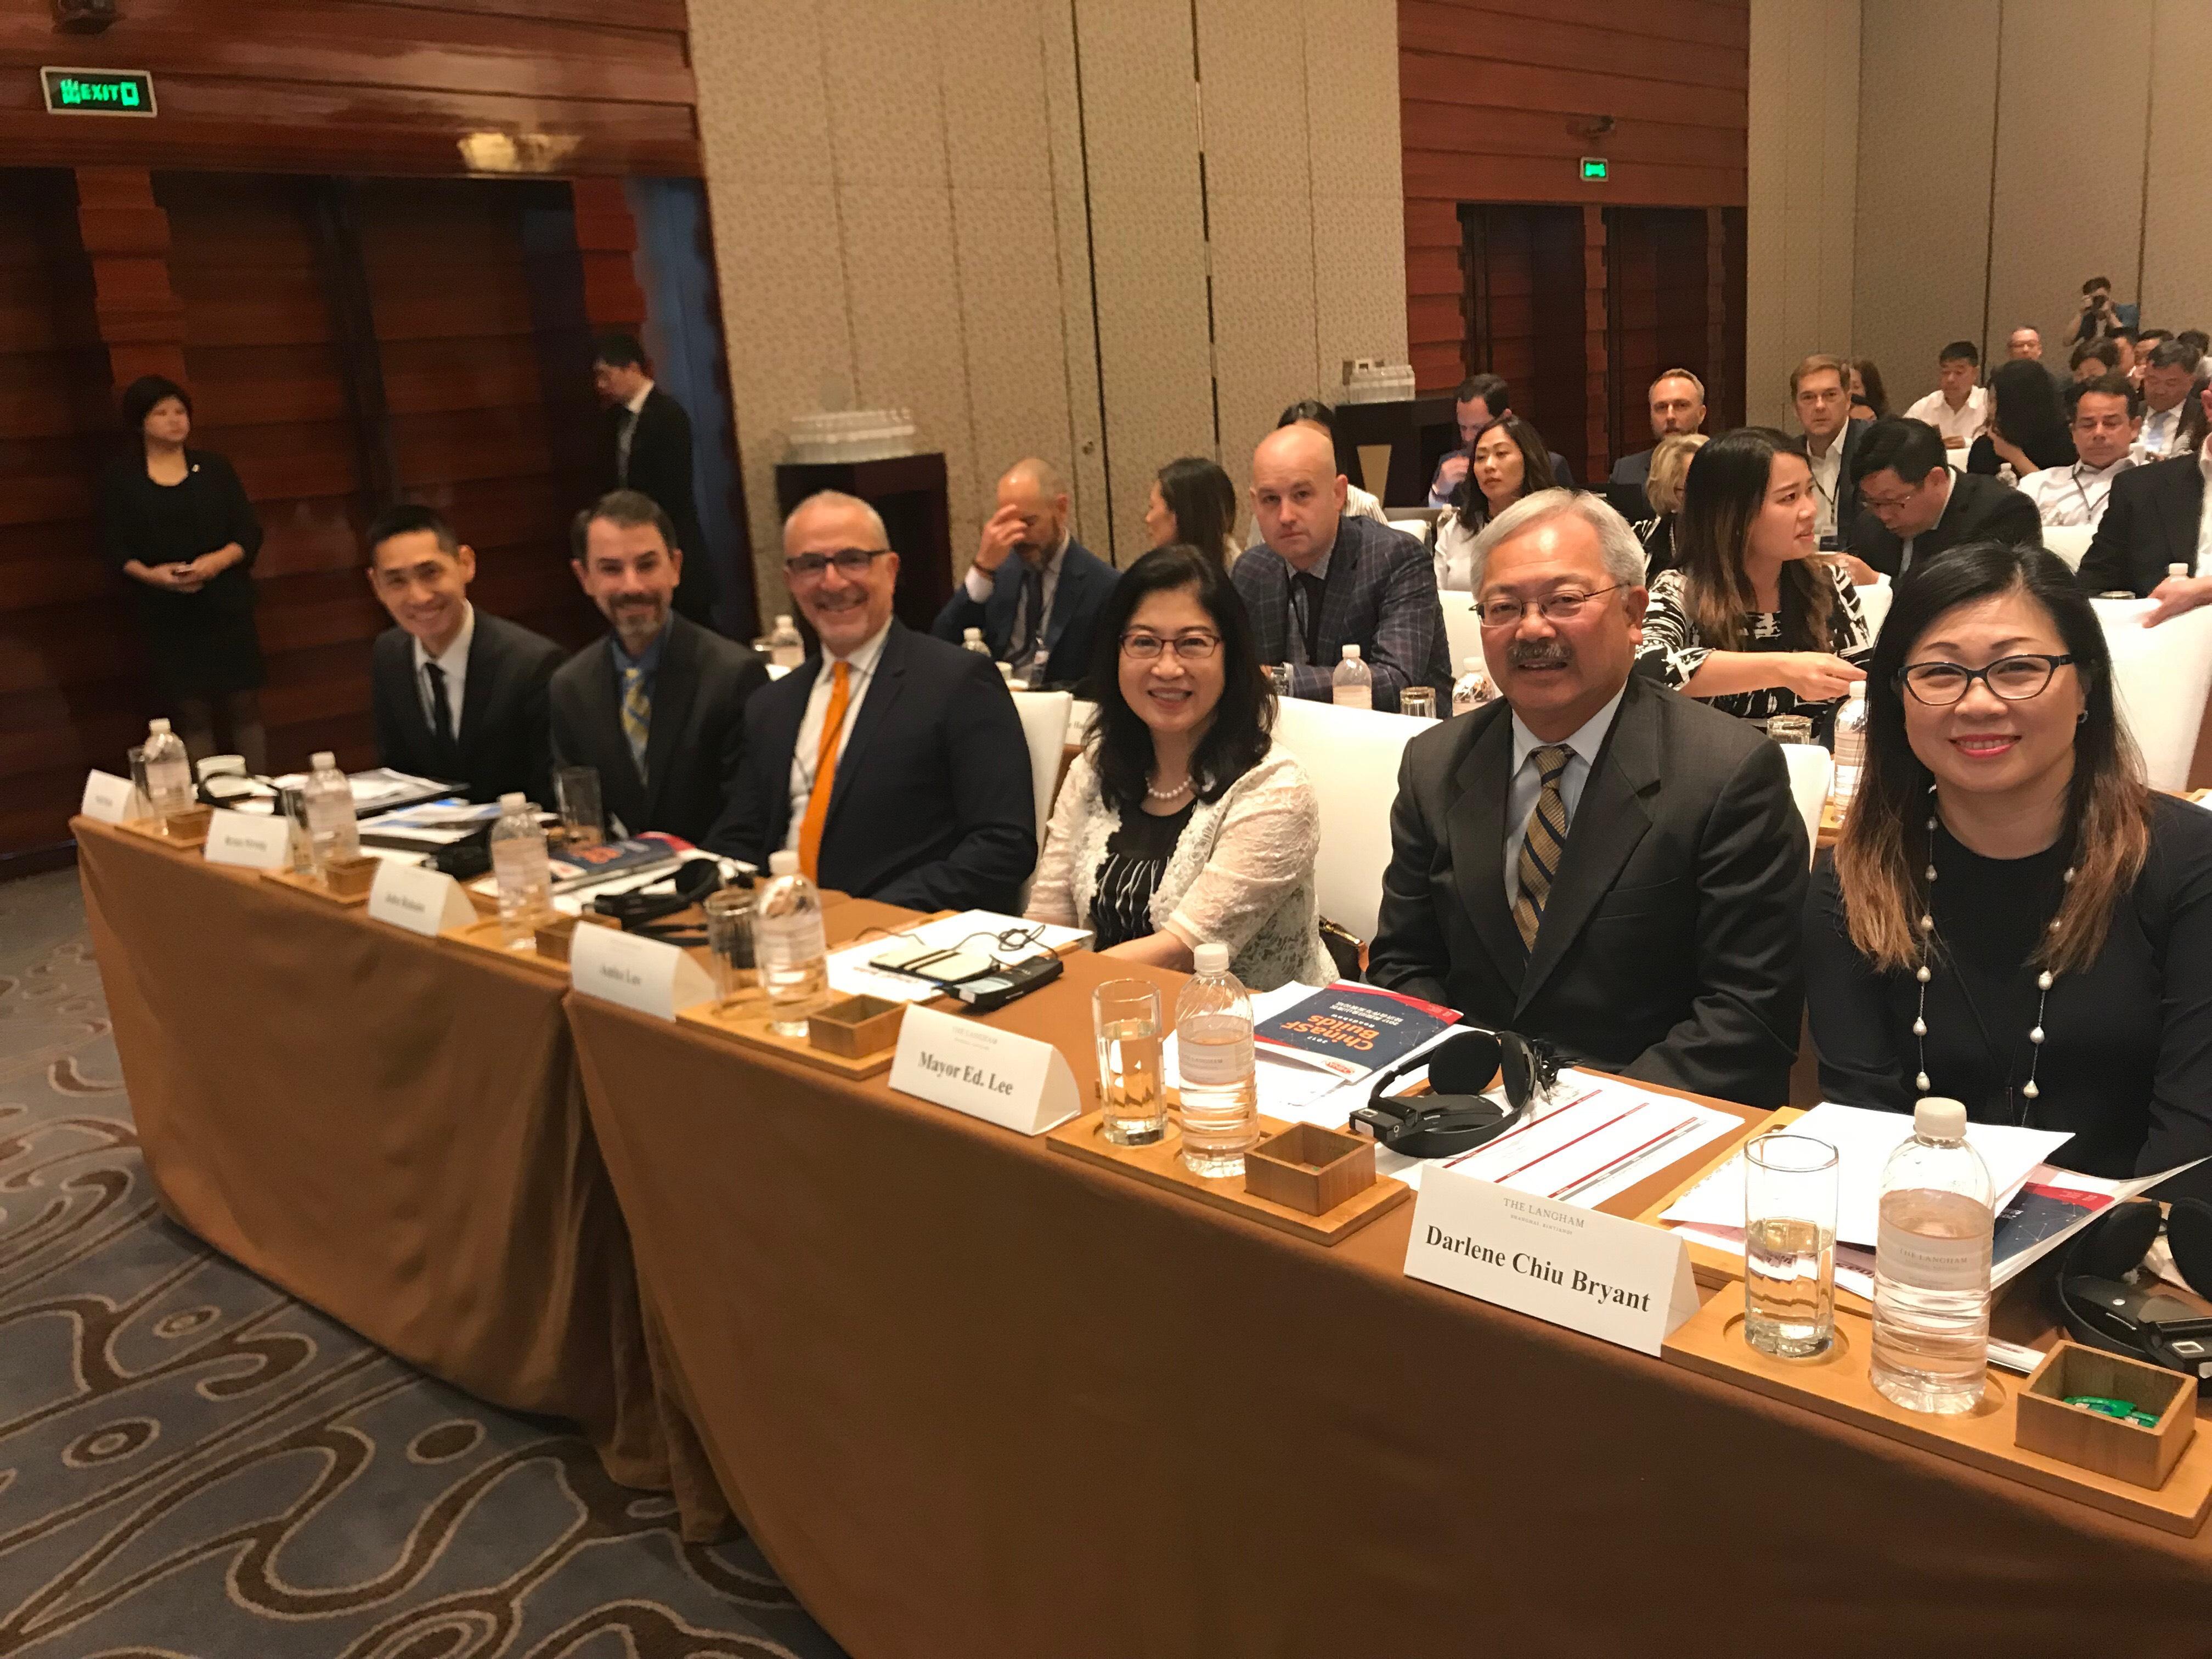 舊金山市長李孟賢(右二)和舊金山市對華辦公室的其他代表出席了2017美國舊金山灣區經濟與合作發展論壇。(圖片來源:舊金山市長新聞辦公室)